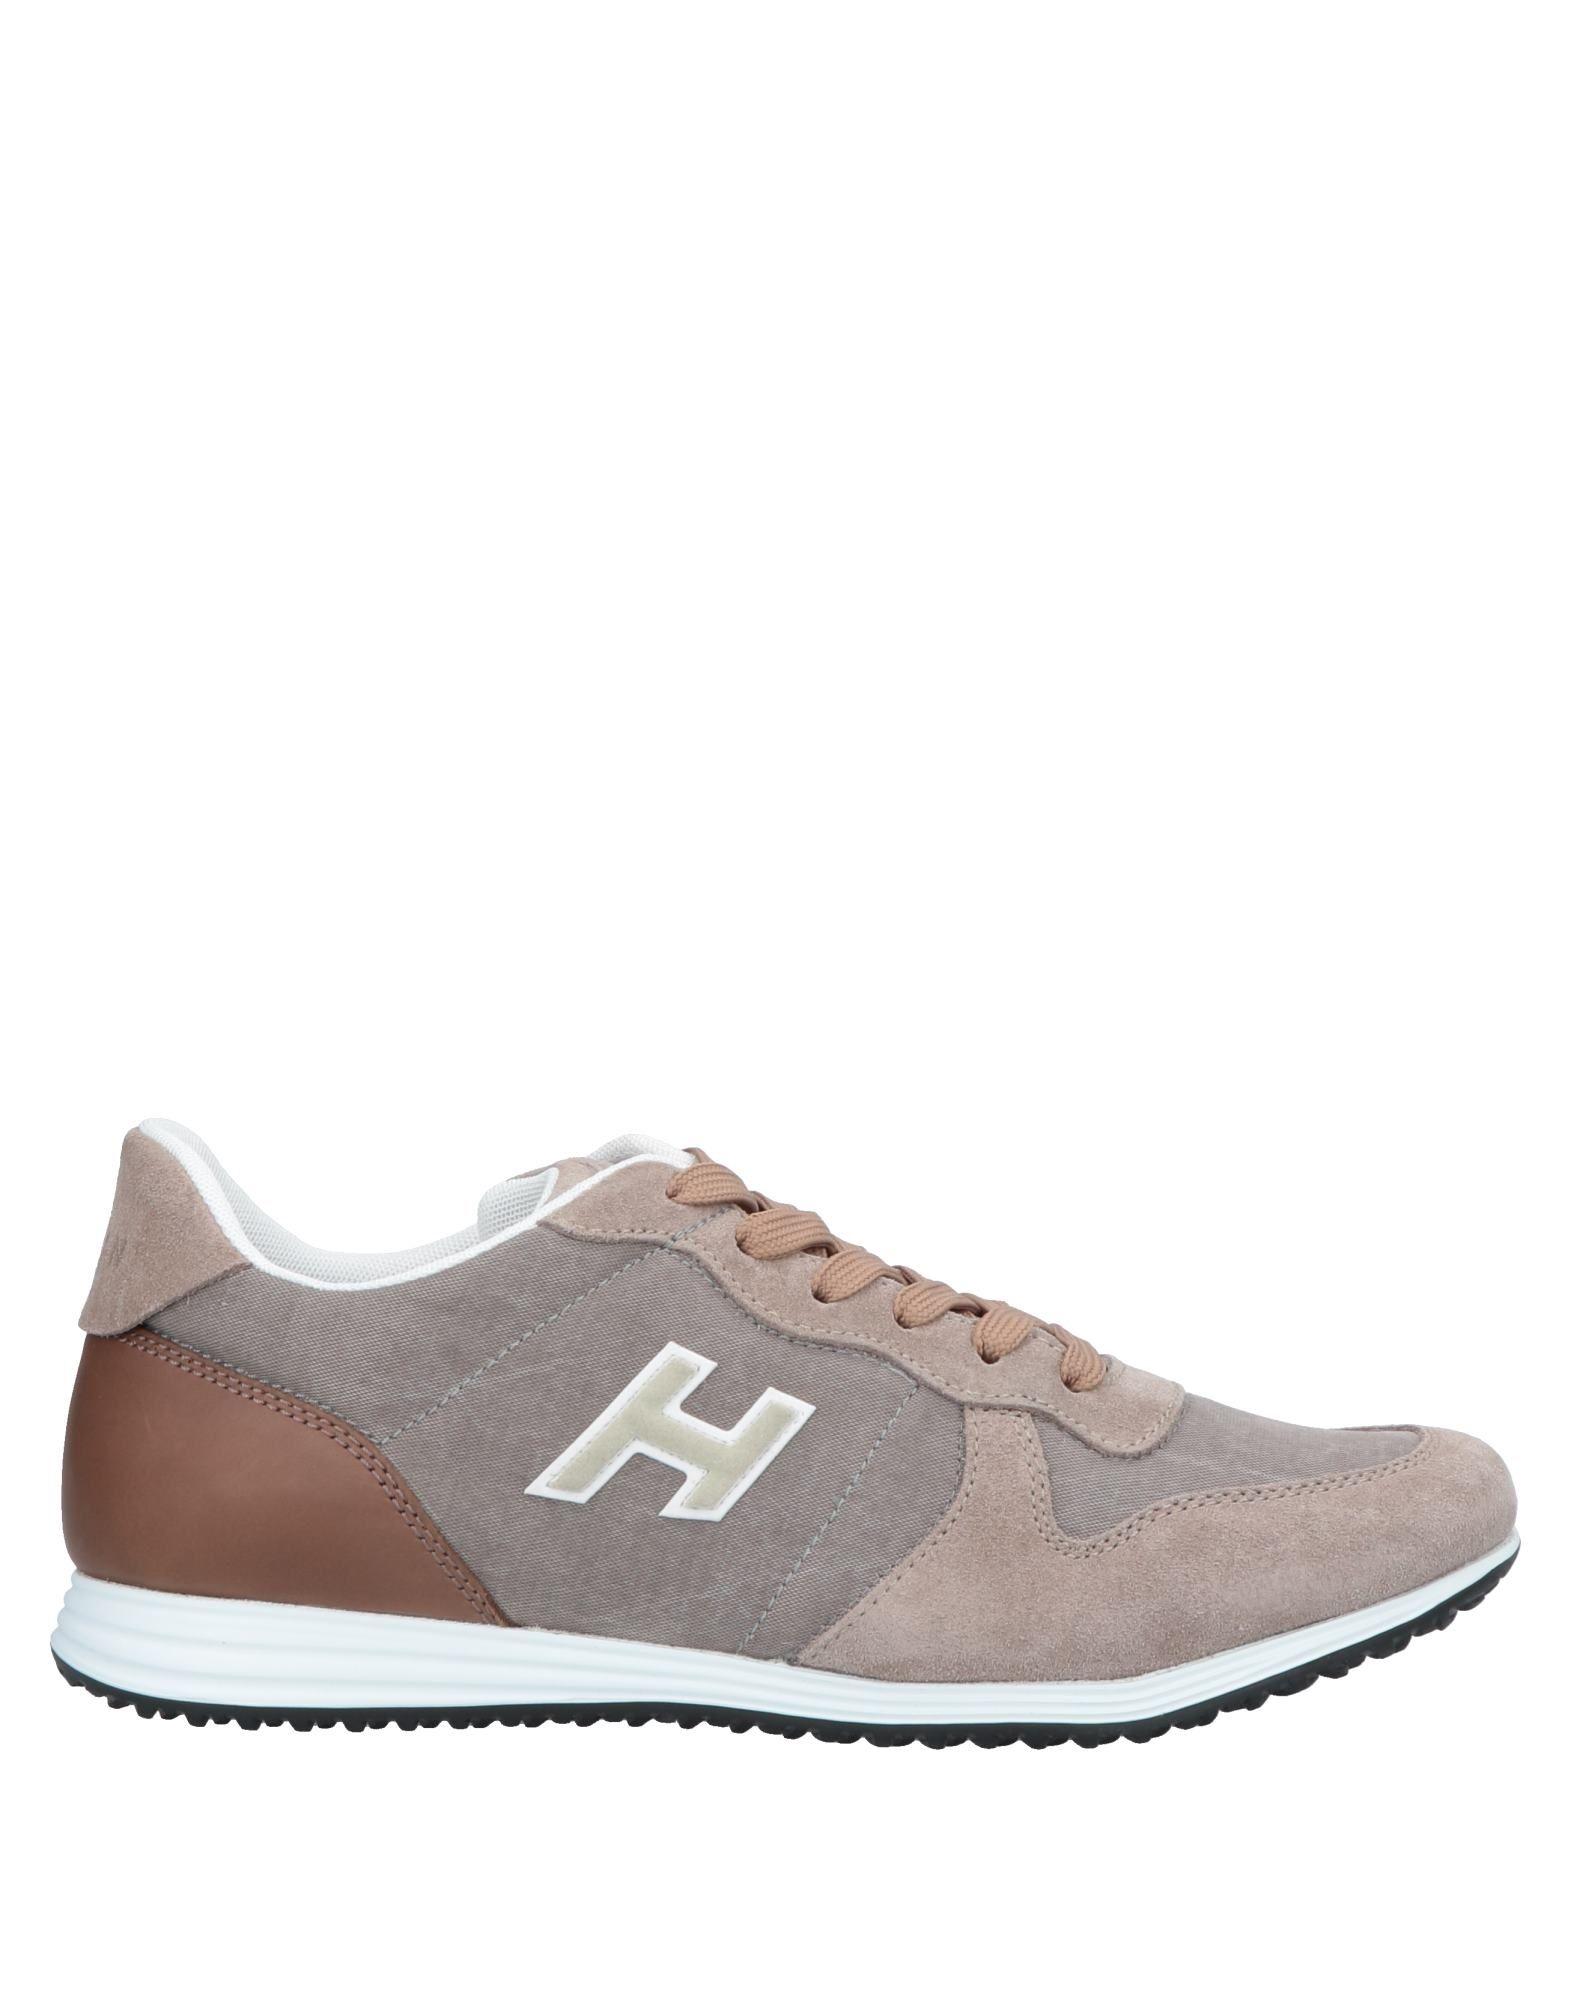 《送料無料》HOGAN メンズ スニーカー&テニスシューズ(ローカット) ドーブグレー 5.5 革 / 紡績繊維